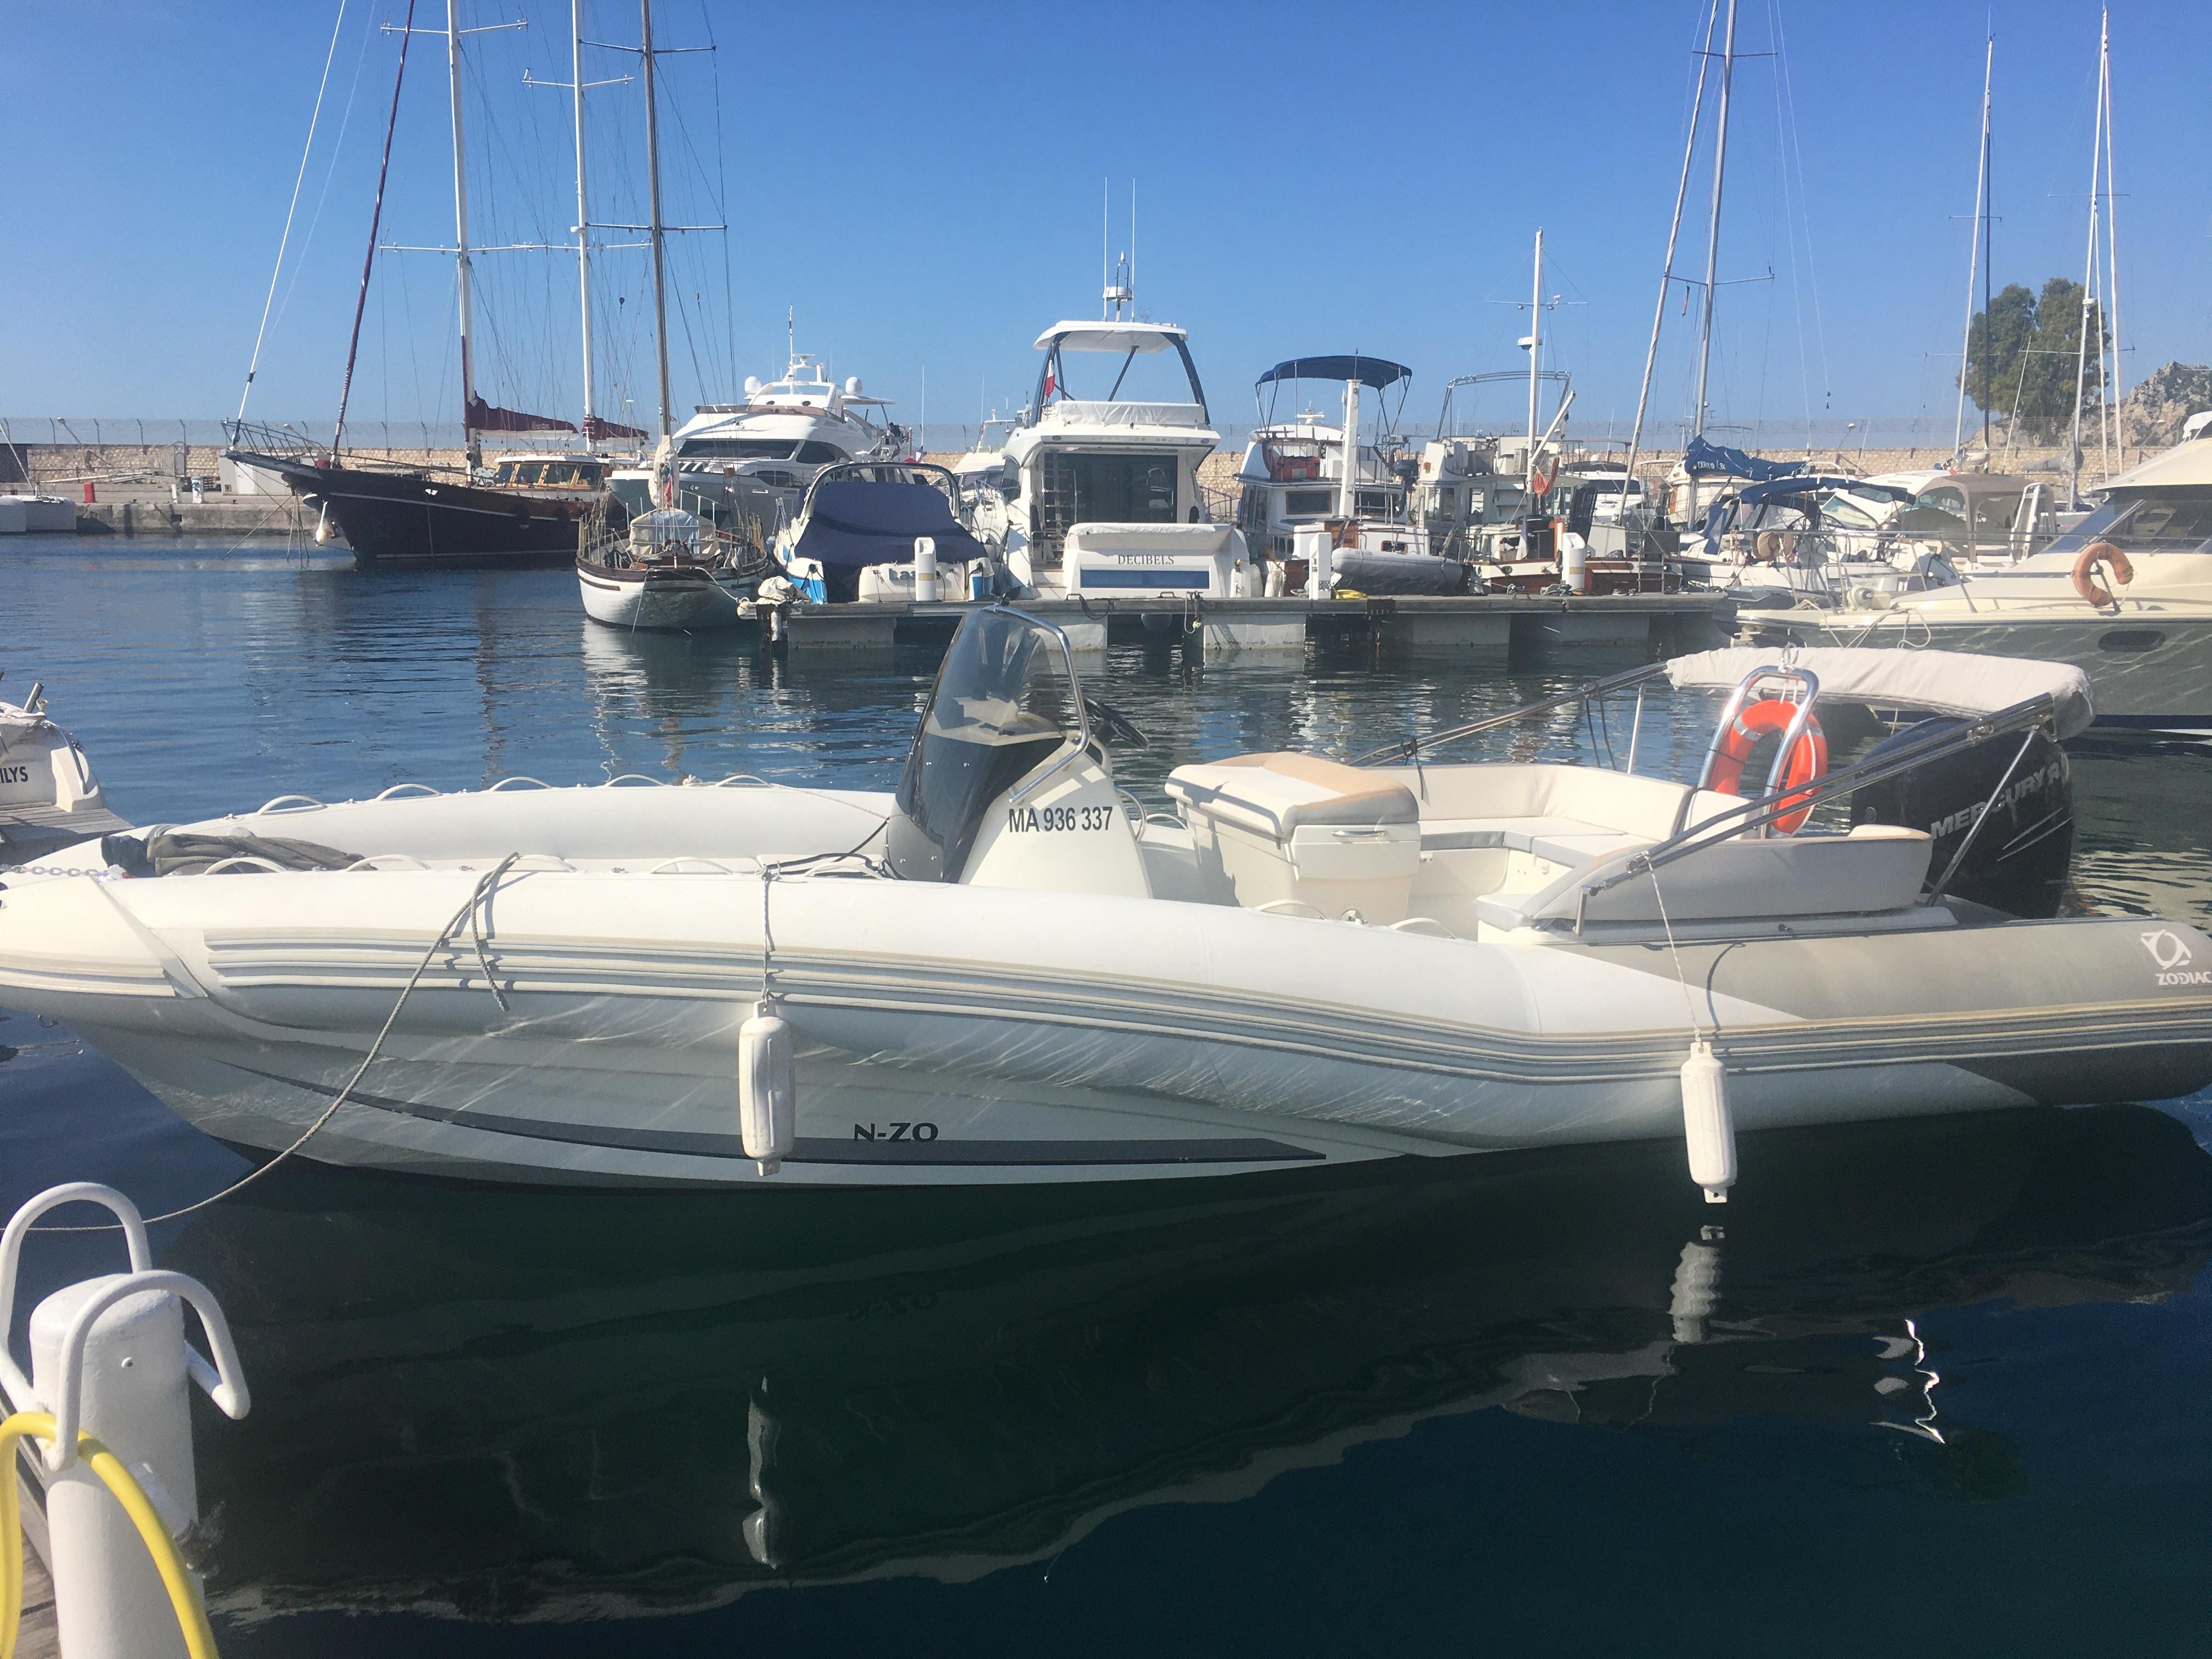 Journée en mer privatisée pour découvrir les Calanques de Marseille